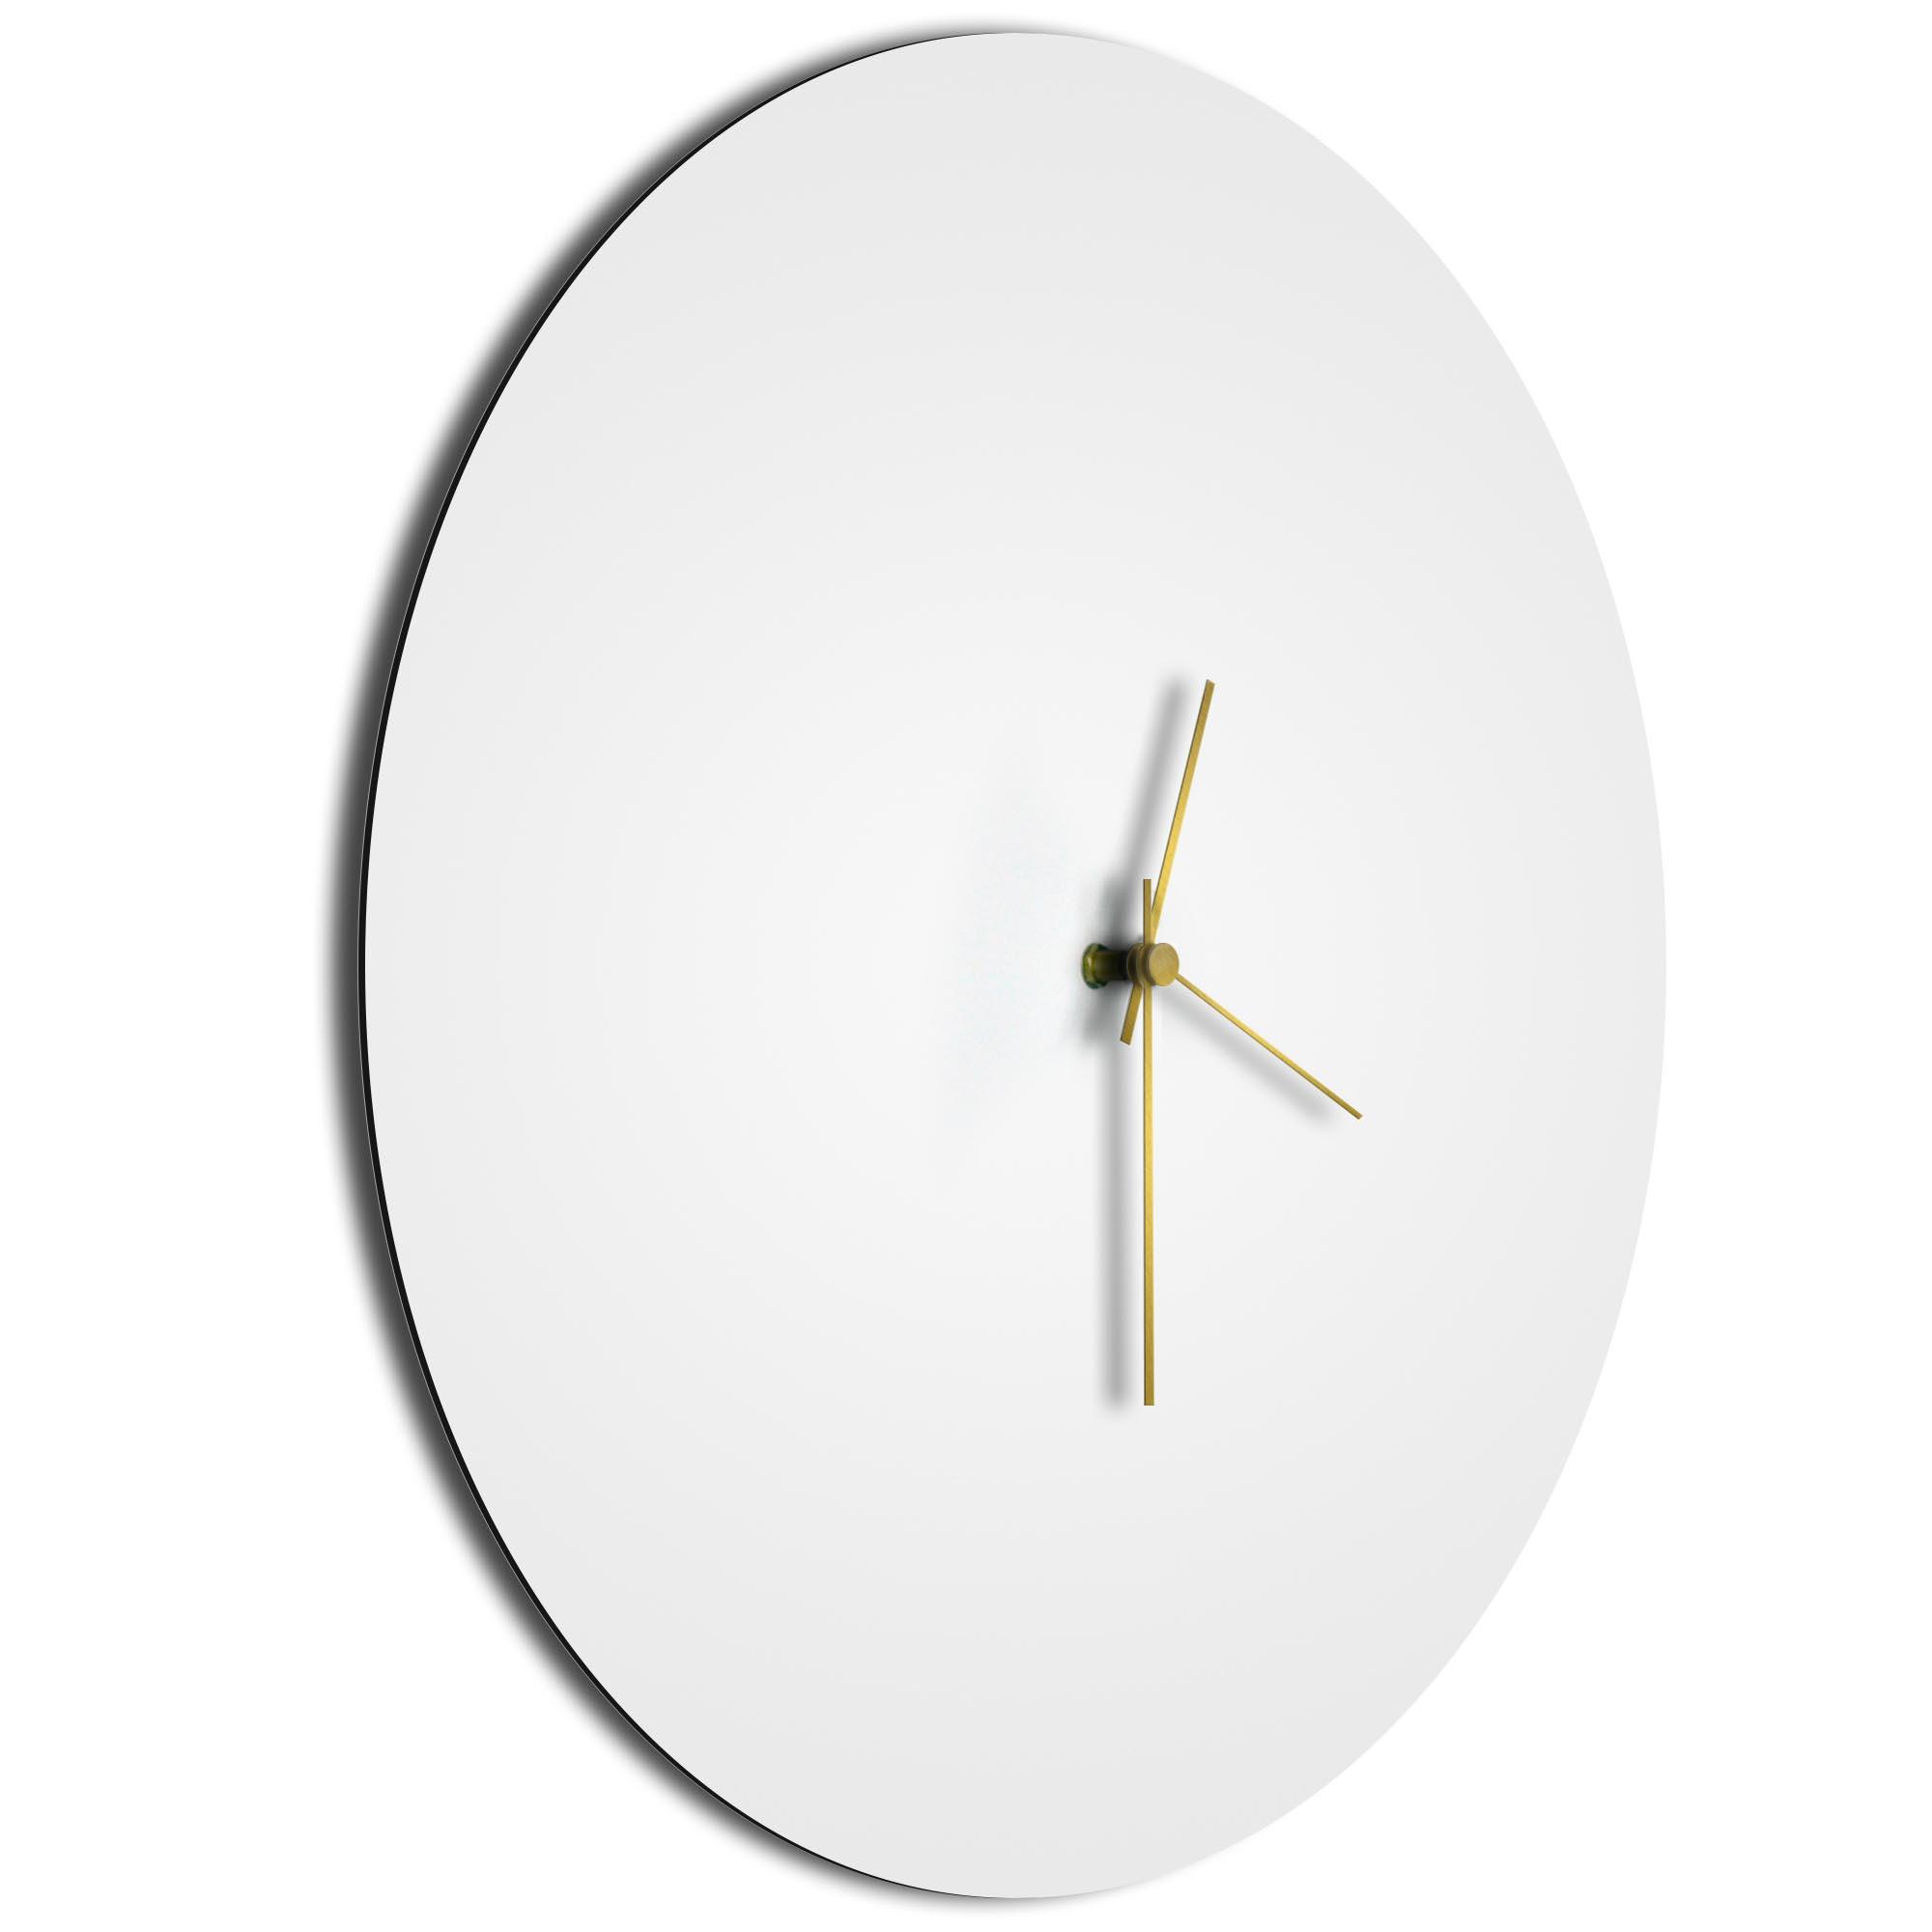 Whiteout Gold Circle Clock - Image 2